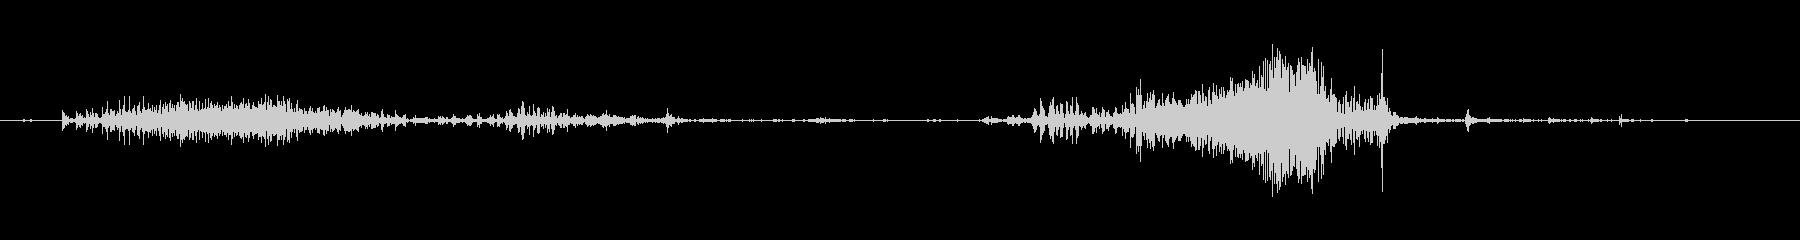 ジッパーを開ける音1の未再生の波形